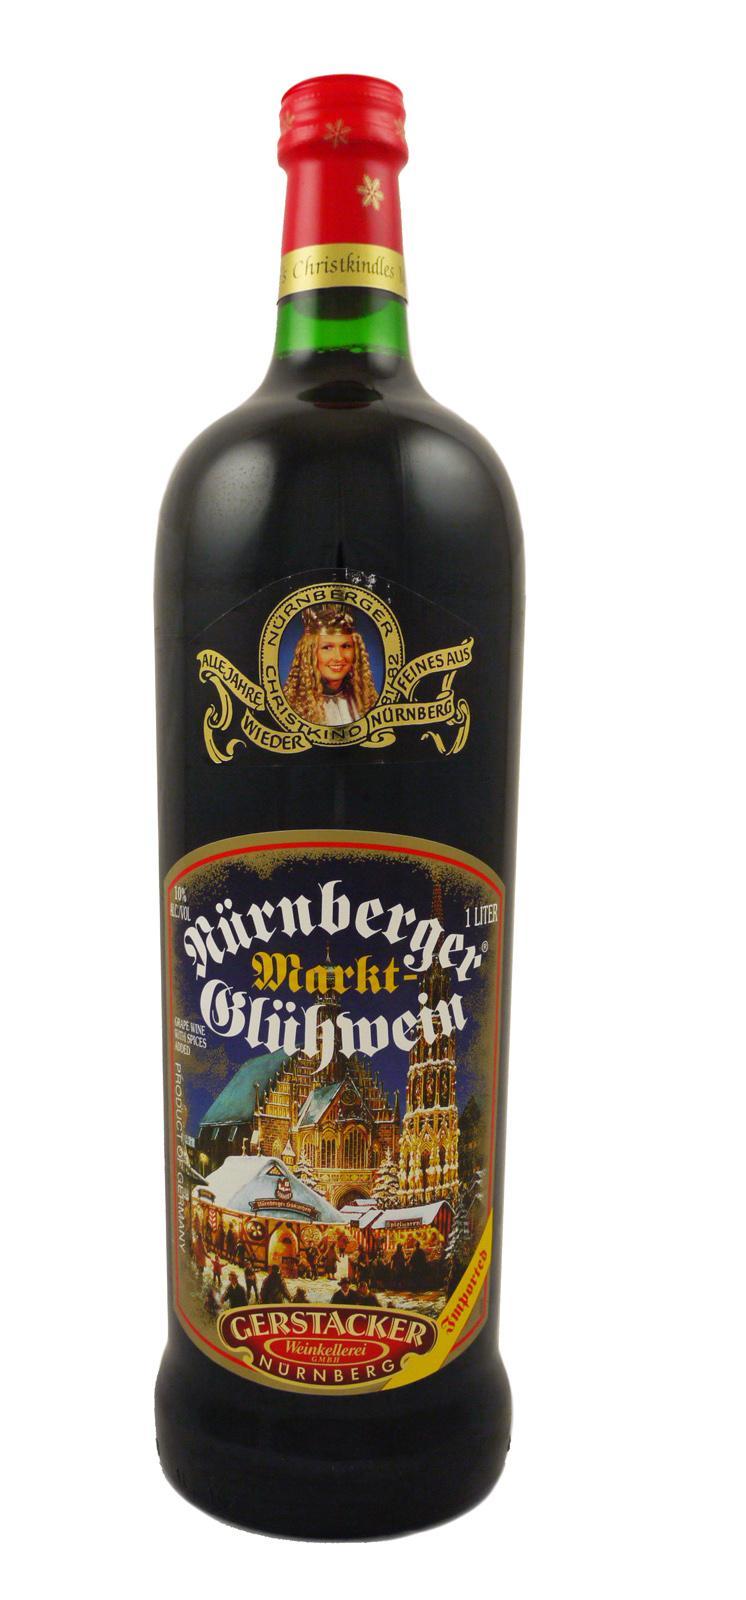 Nürnberger Glühwein